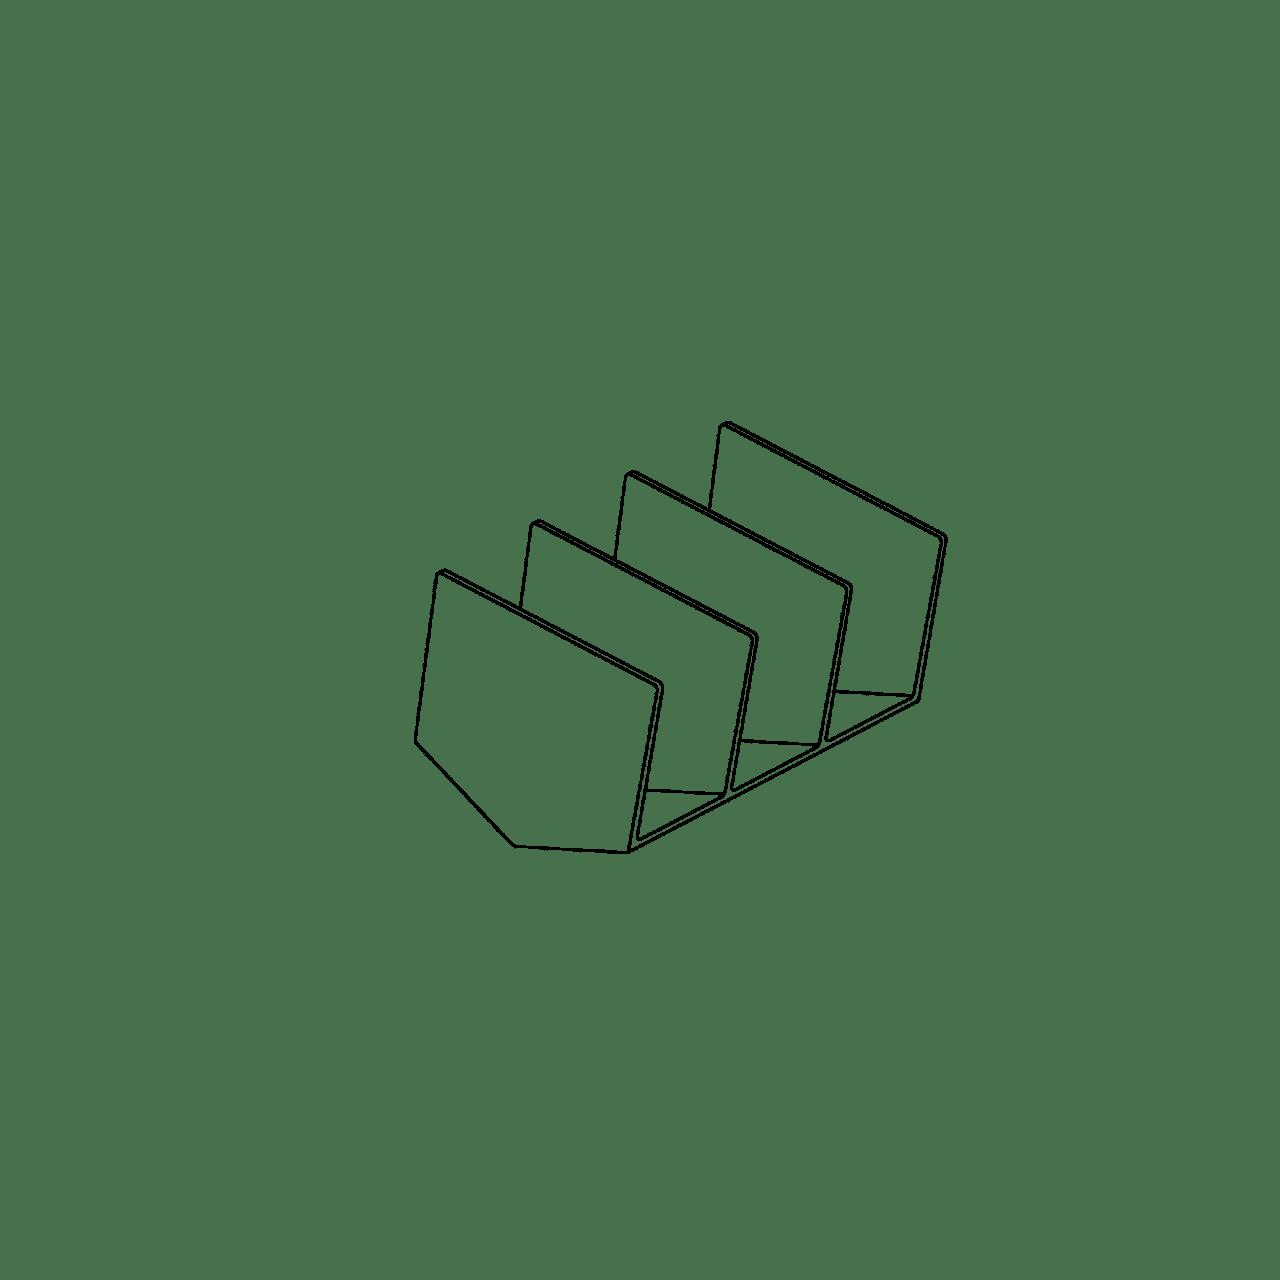 Universal-Einsatz für funktionale Prismen